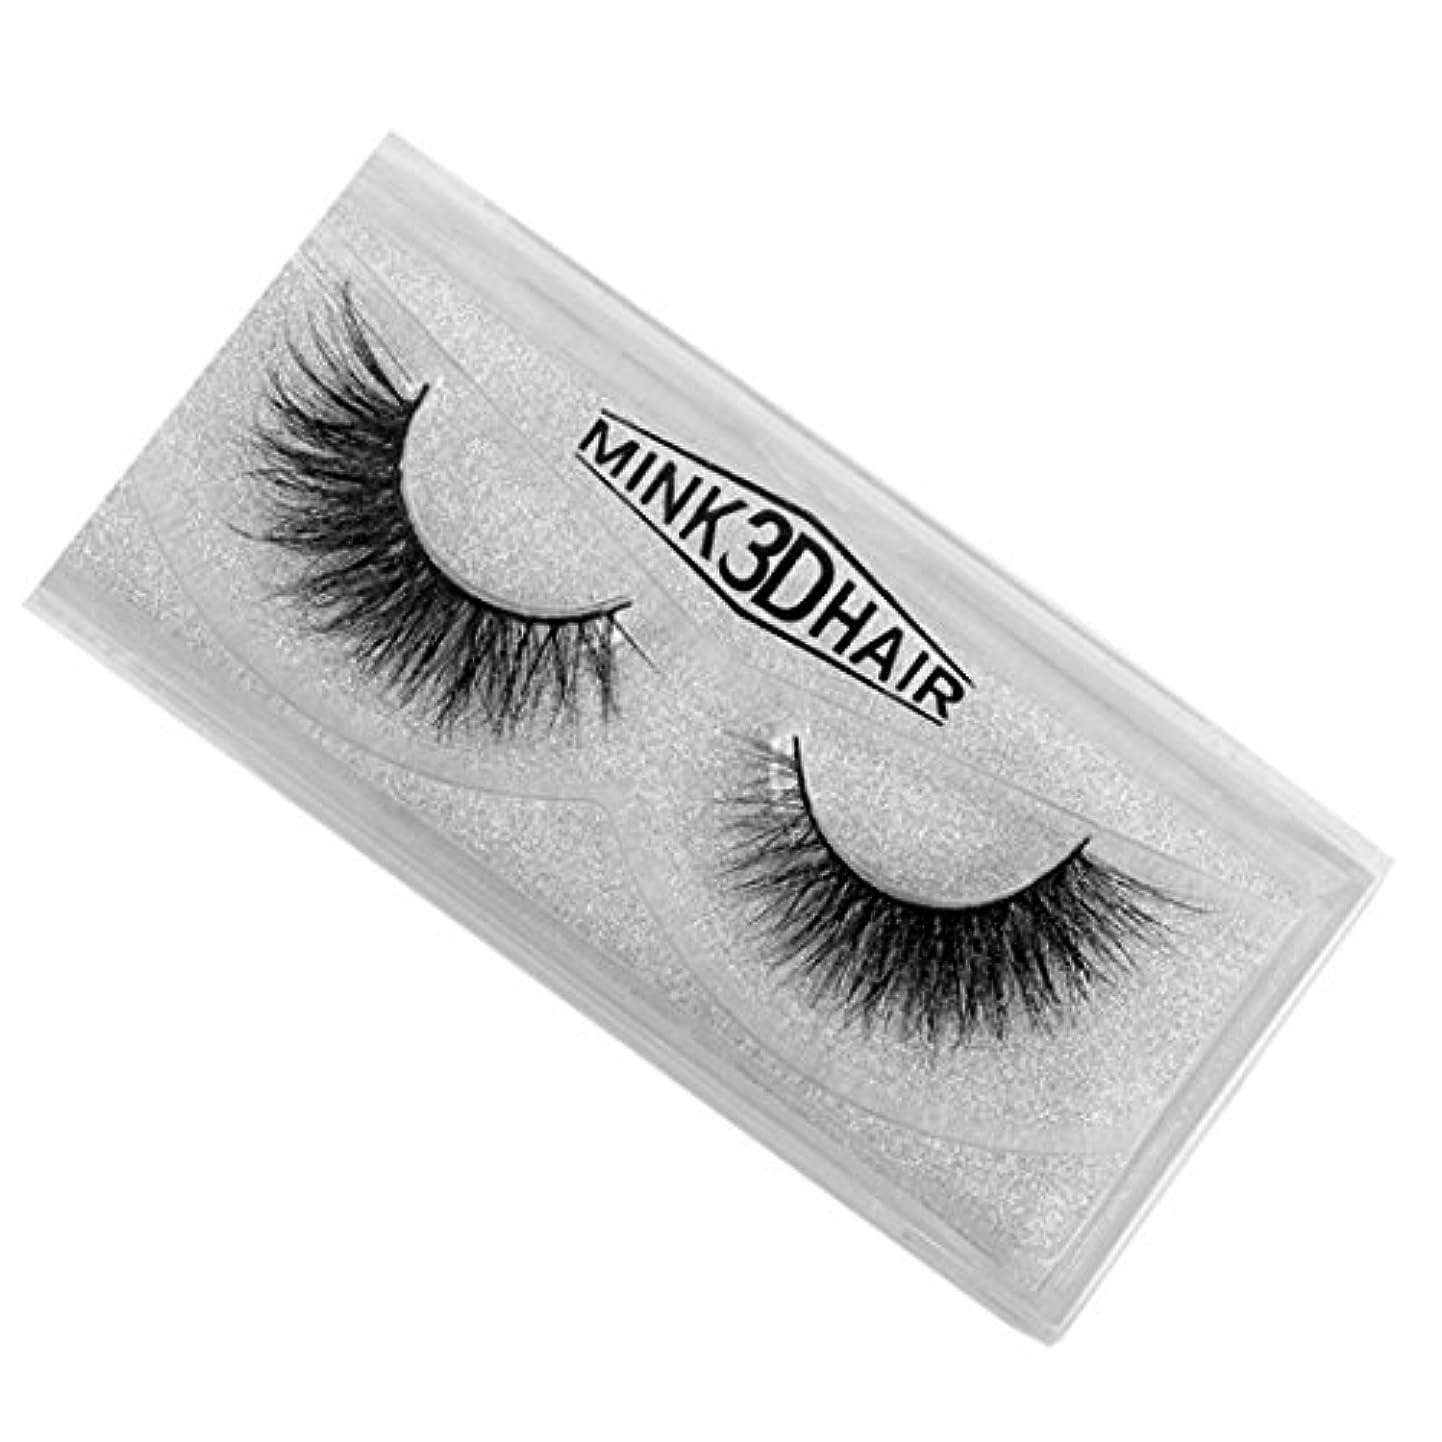 コテージ区スカウトFeteso 1ペア つけまつげ 上まつげ Eyelashes アイラッシュ ビューティー まつげエクステ扩展 レディース 化粧ツール アイメイクアップ 人気 ナチュラル 飾り ふんわり 装着簡単 綺麗 極薄/濃密